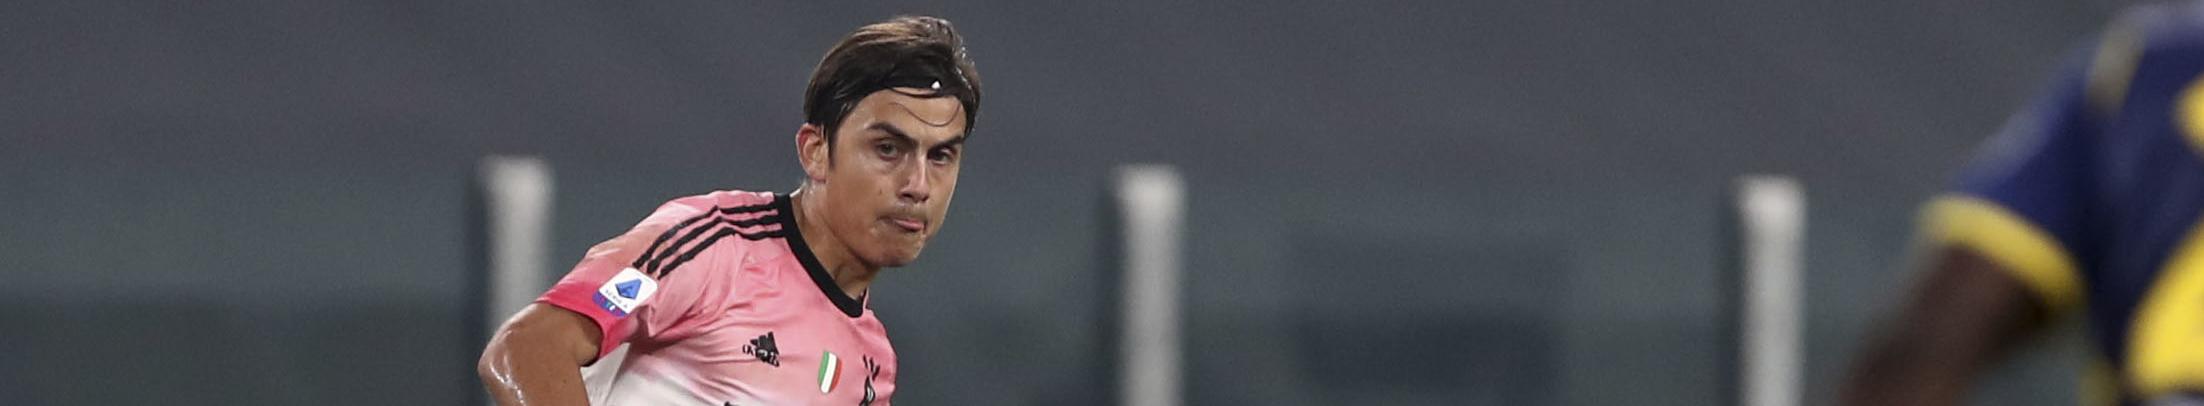 Pronostico Juventus-Barcellona: Pirlo vara il 4-4-2 con Dybala-Morata – le ultimissime